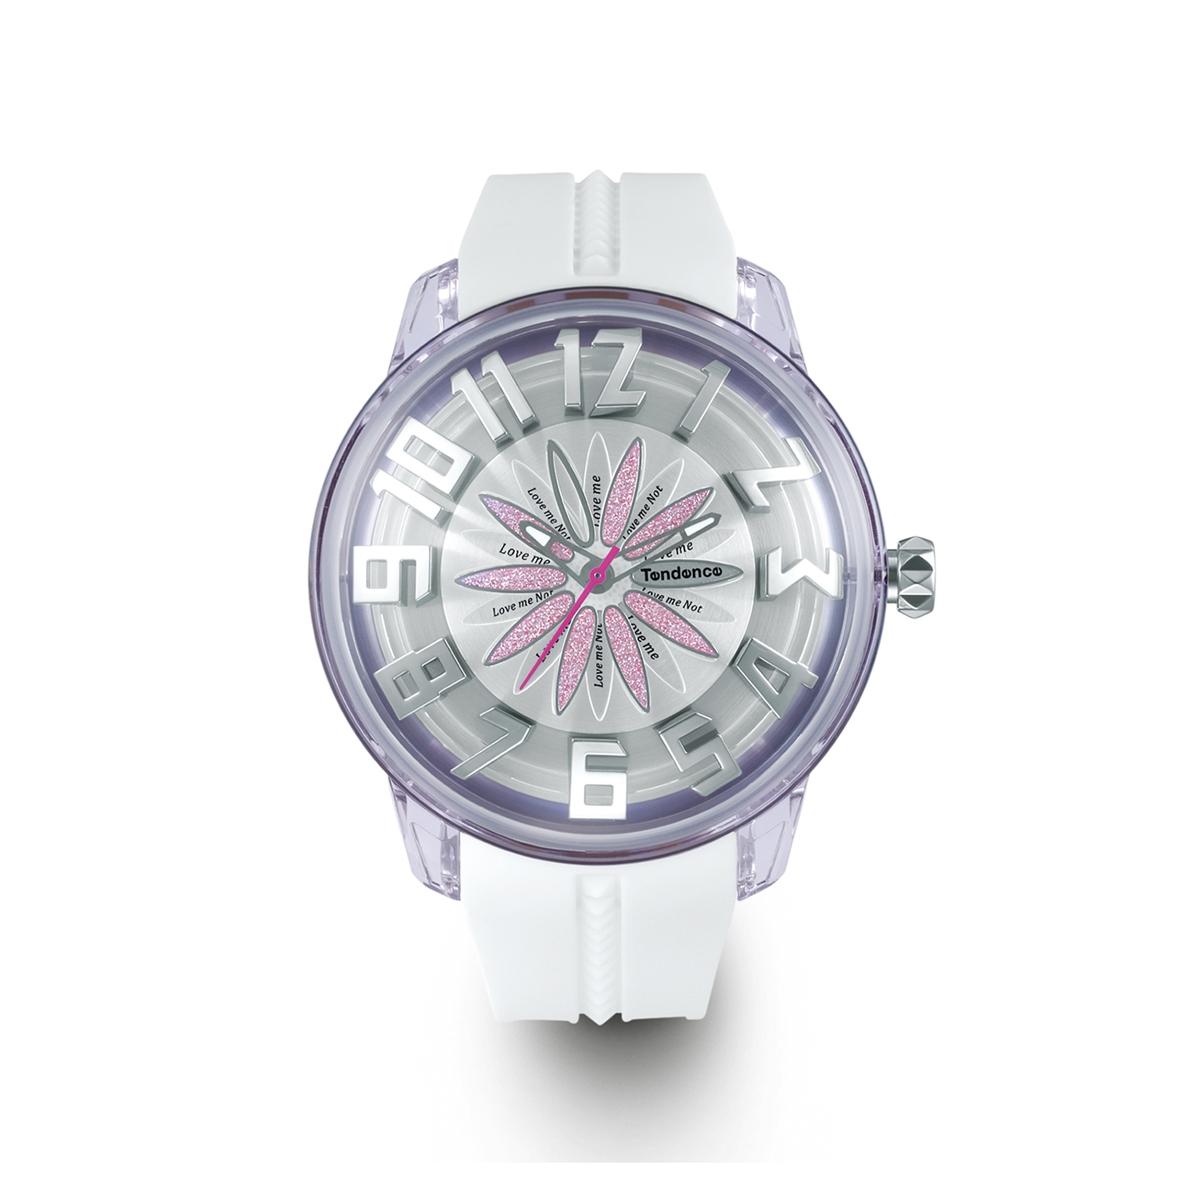 【今ならオーバーサイズノートプレゼント】 テンデンス Tendence TY023004P キングドーム 正規品 腕時計